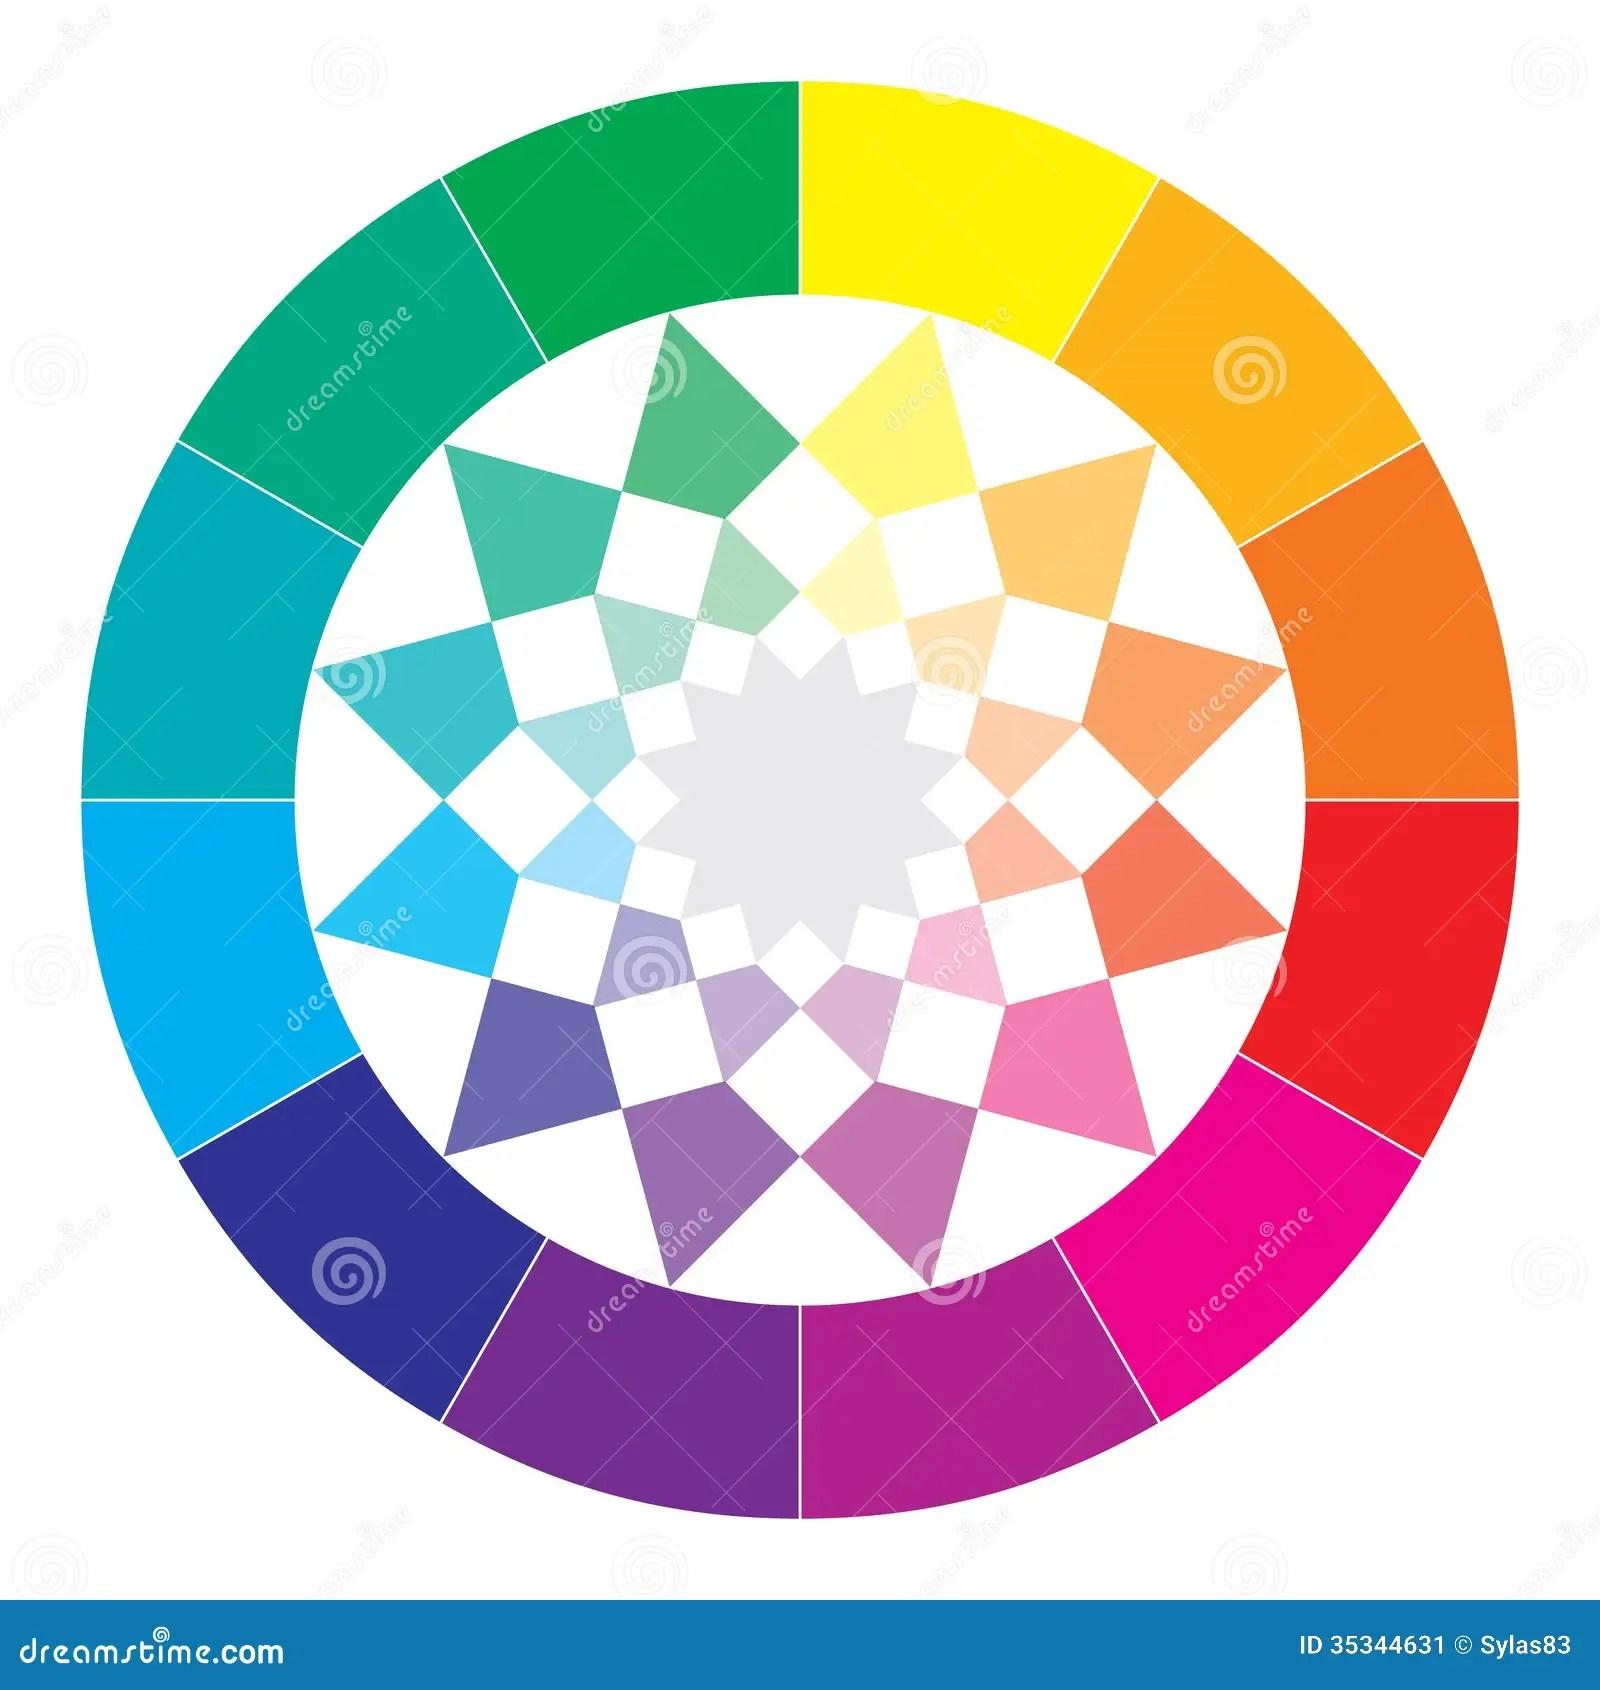 Farbspektrum Zusammenfassungsrad Buntes Diagramm Vektor